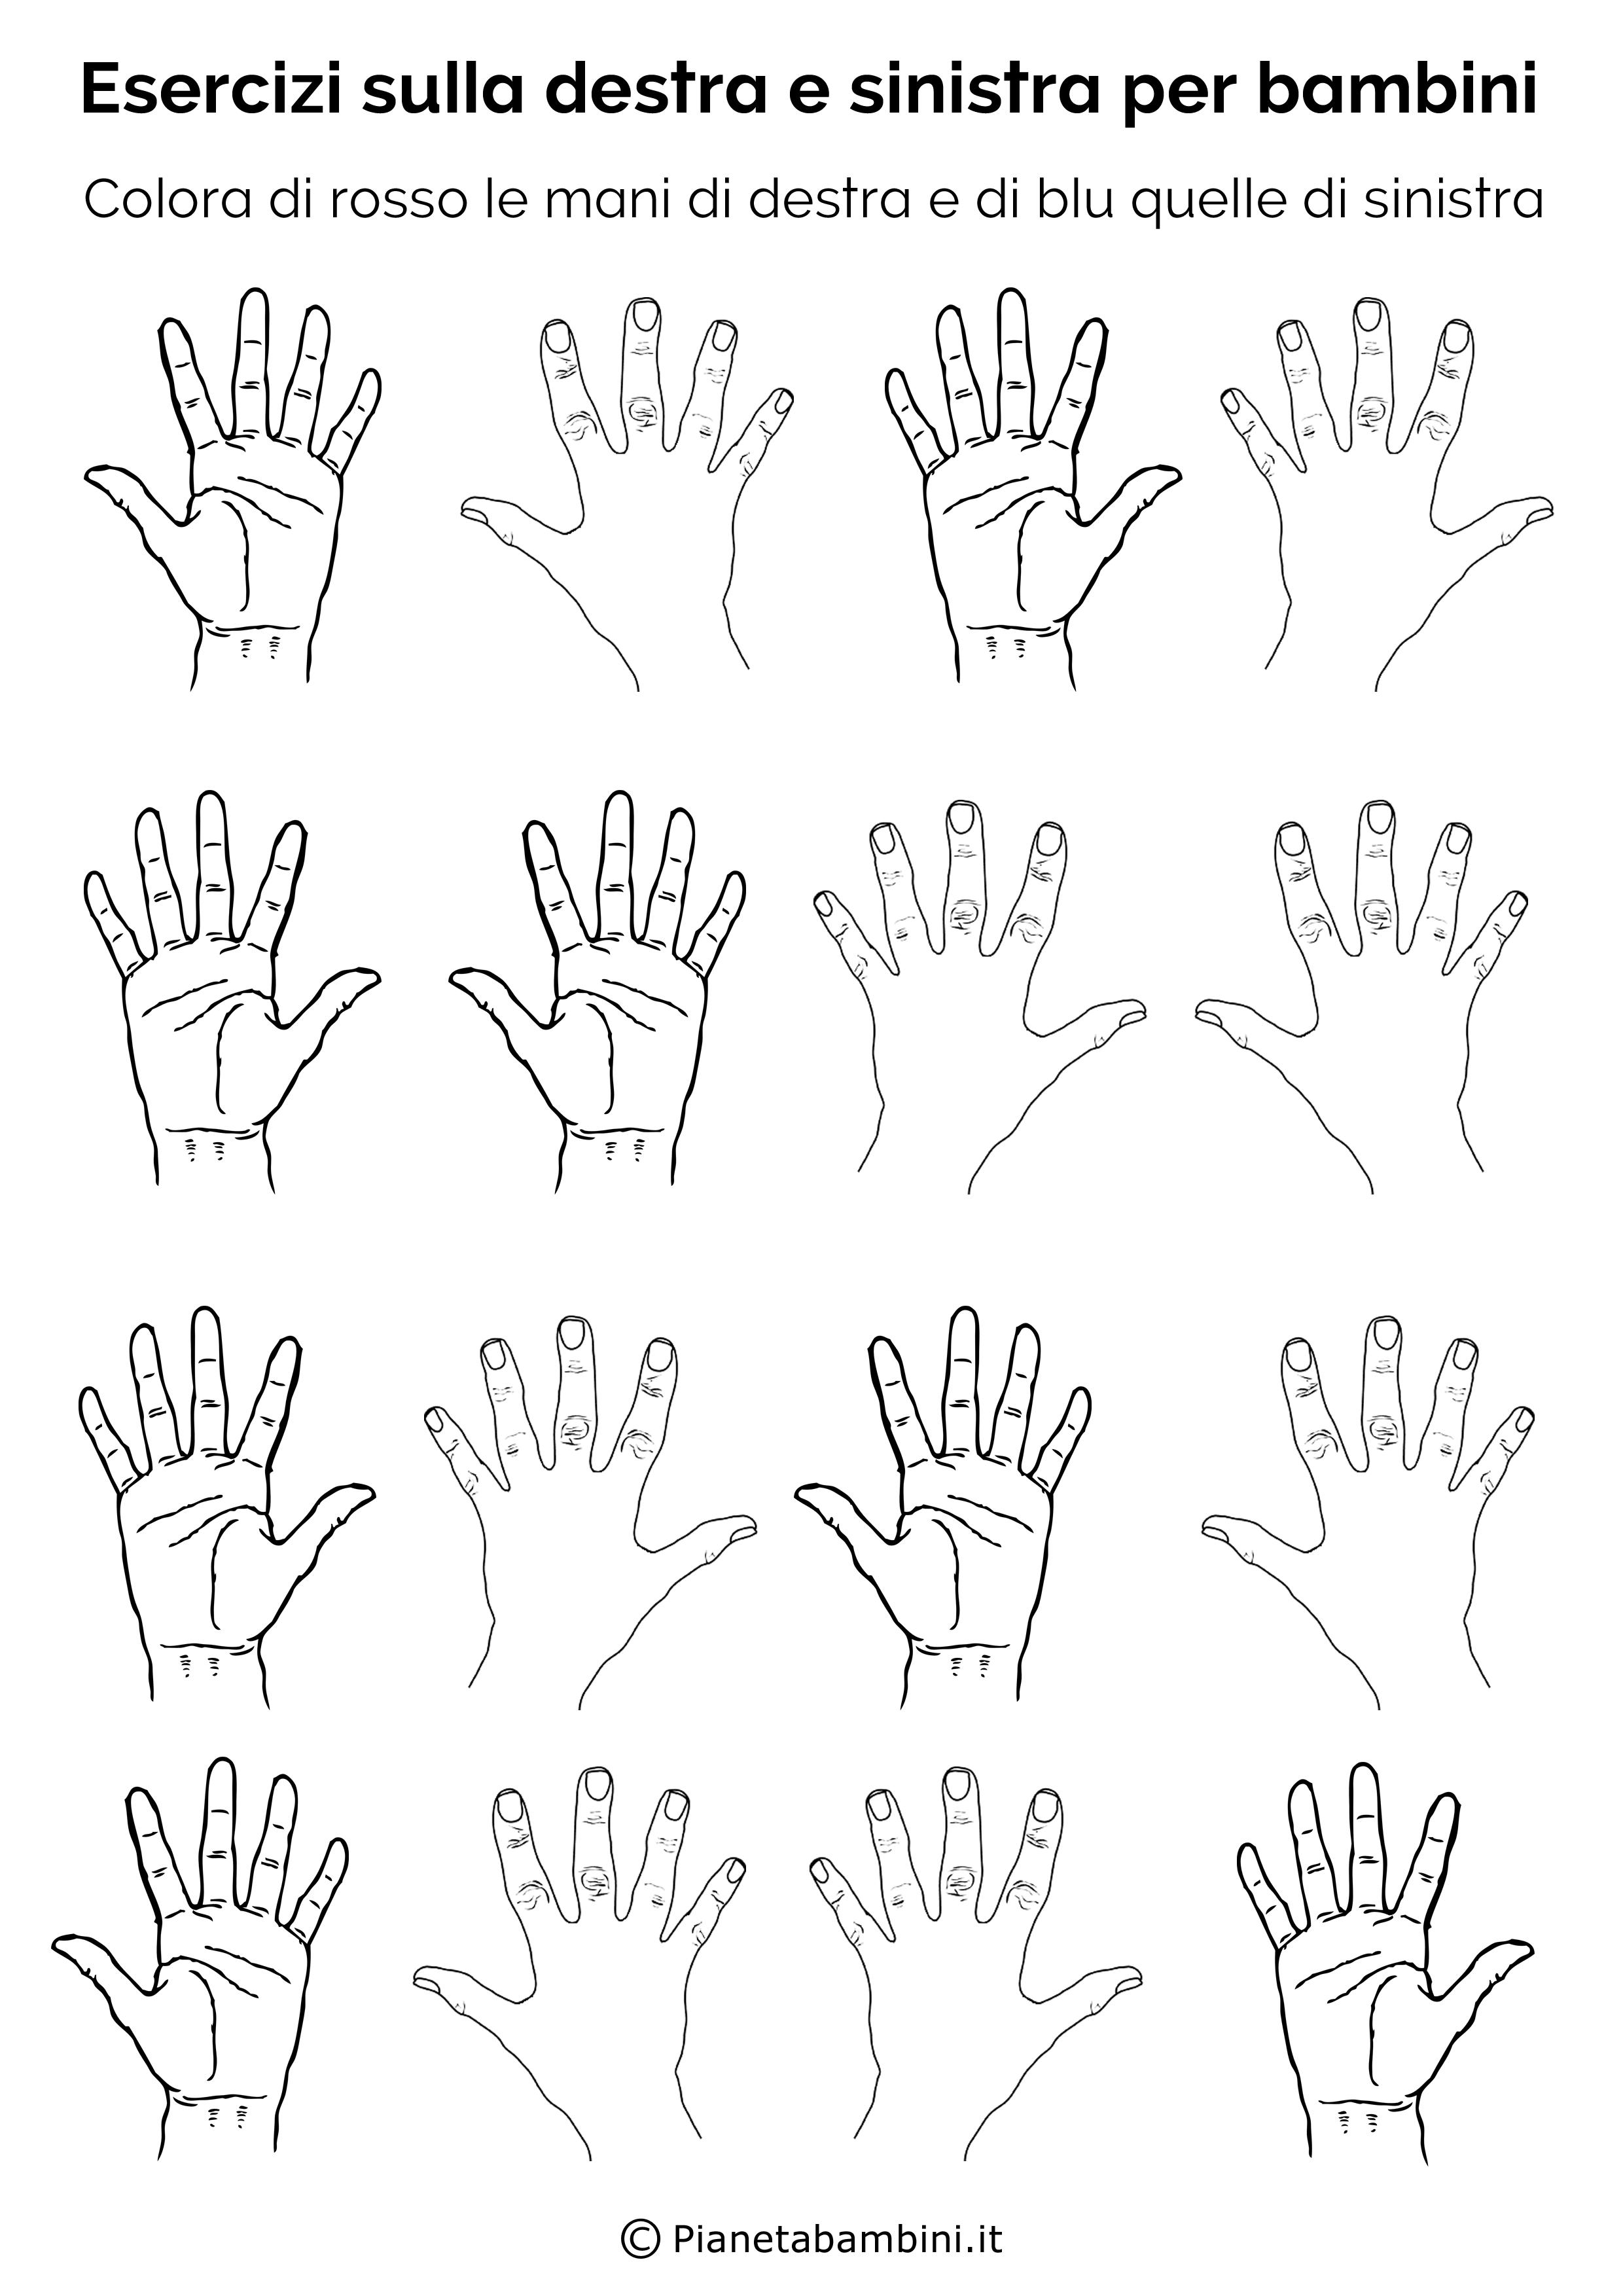 Molto Esercizi per Imparare Destra e Sinistra per Bambini  OV78